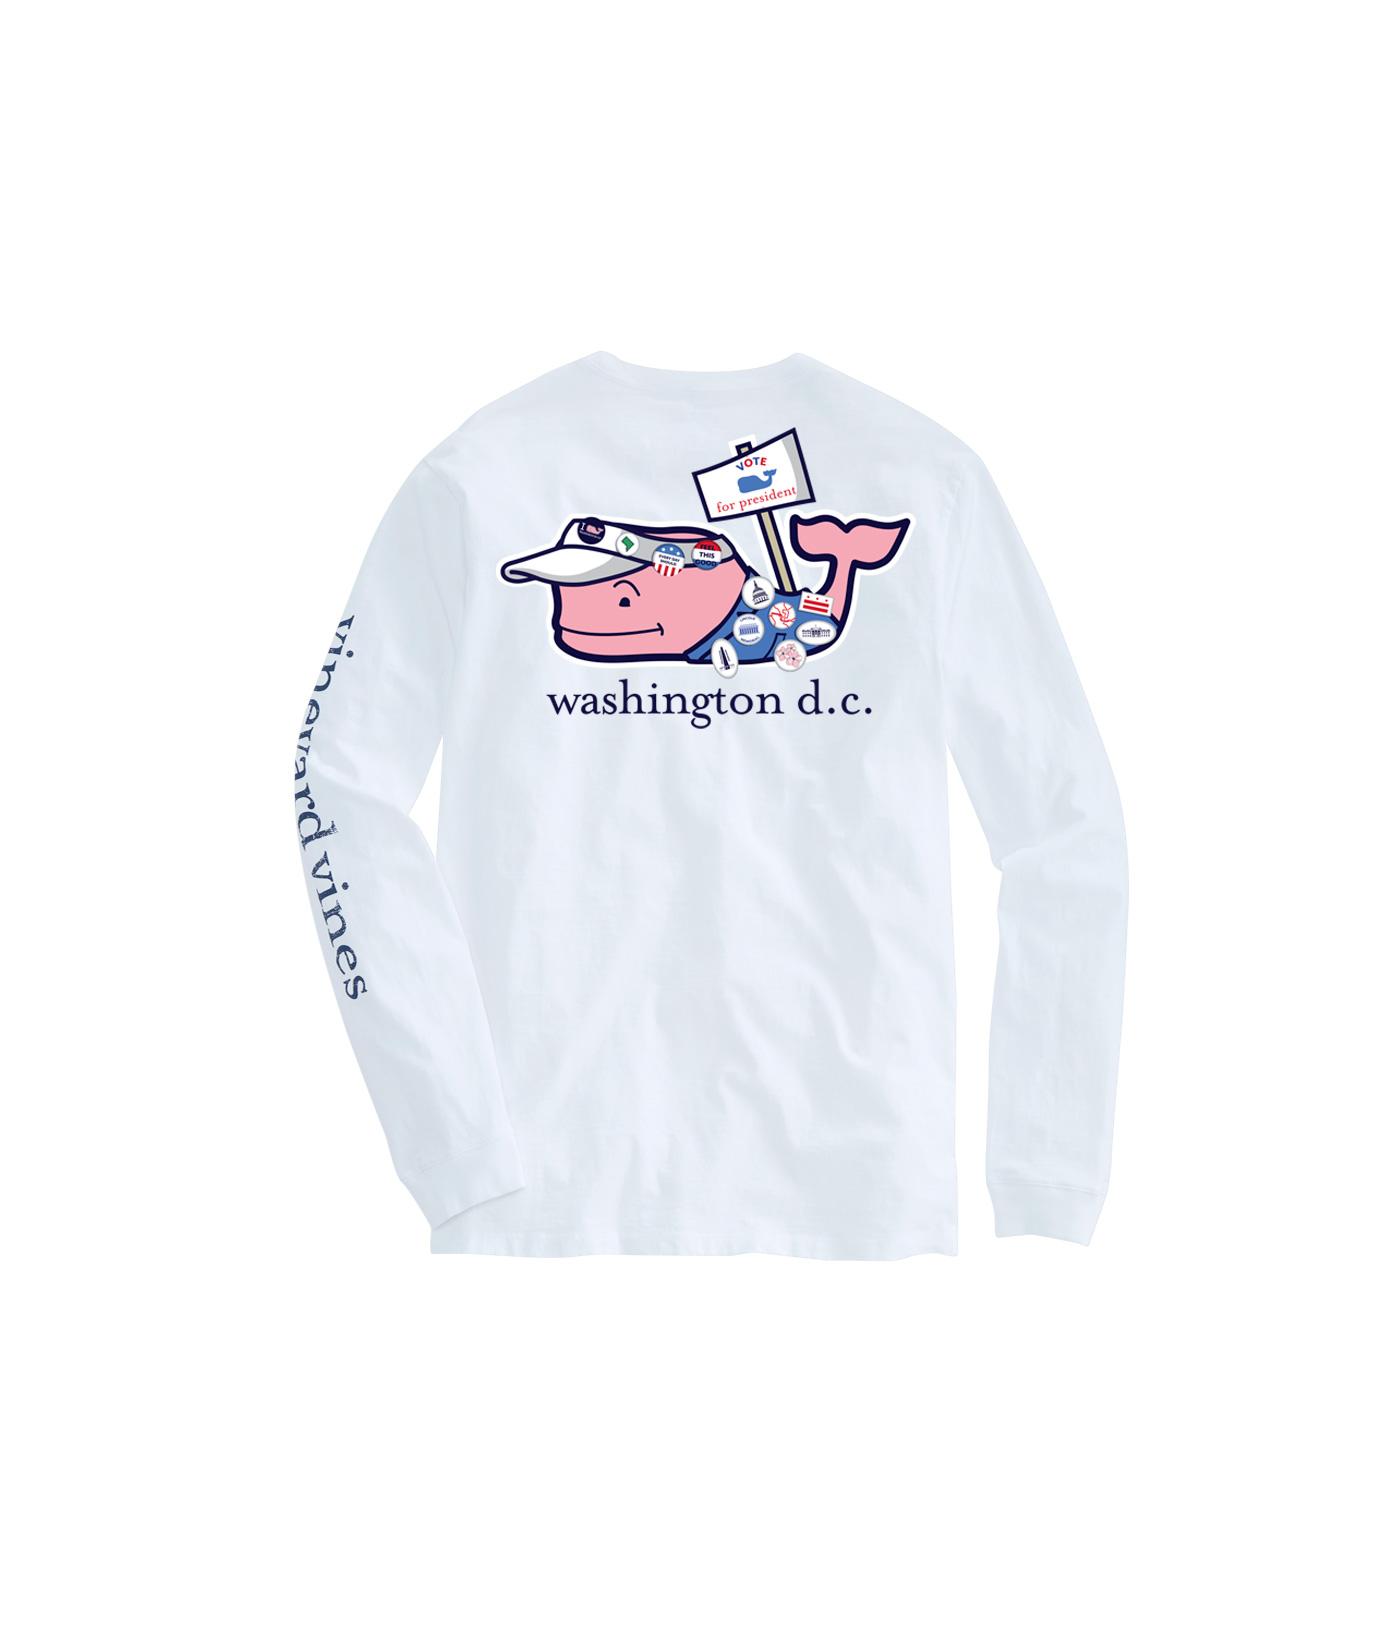 Vineyard Vines Flag Whale Washington DC 2017 Shirt Medium Short Sleeve NWOT BB